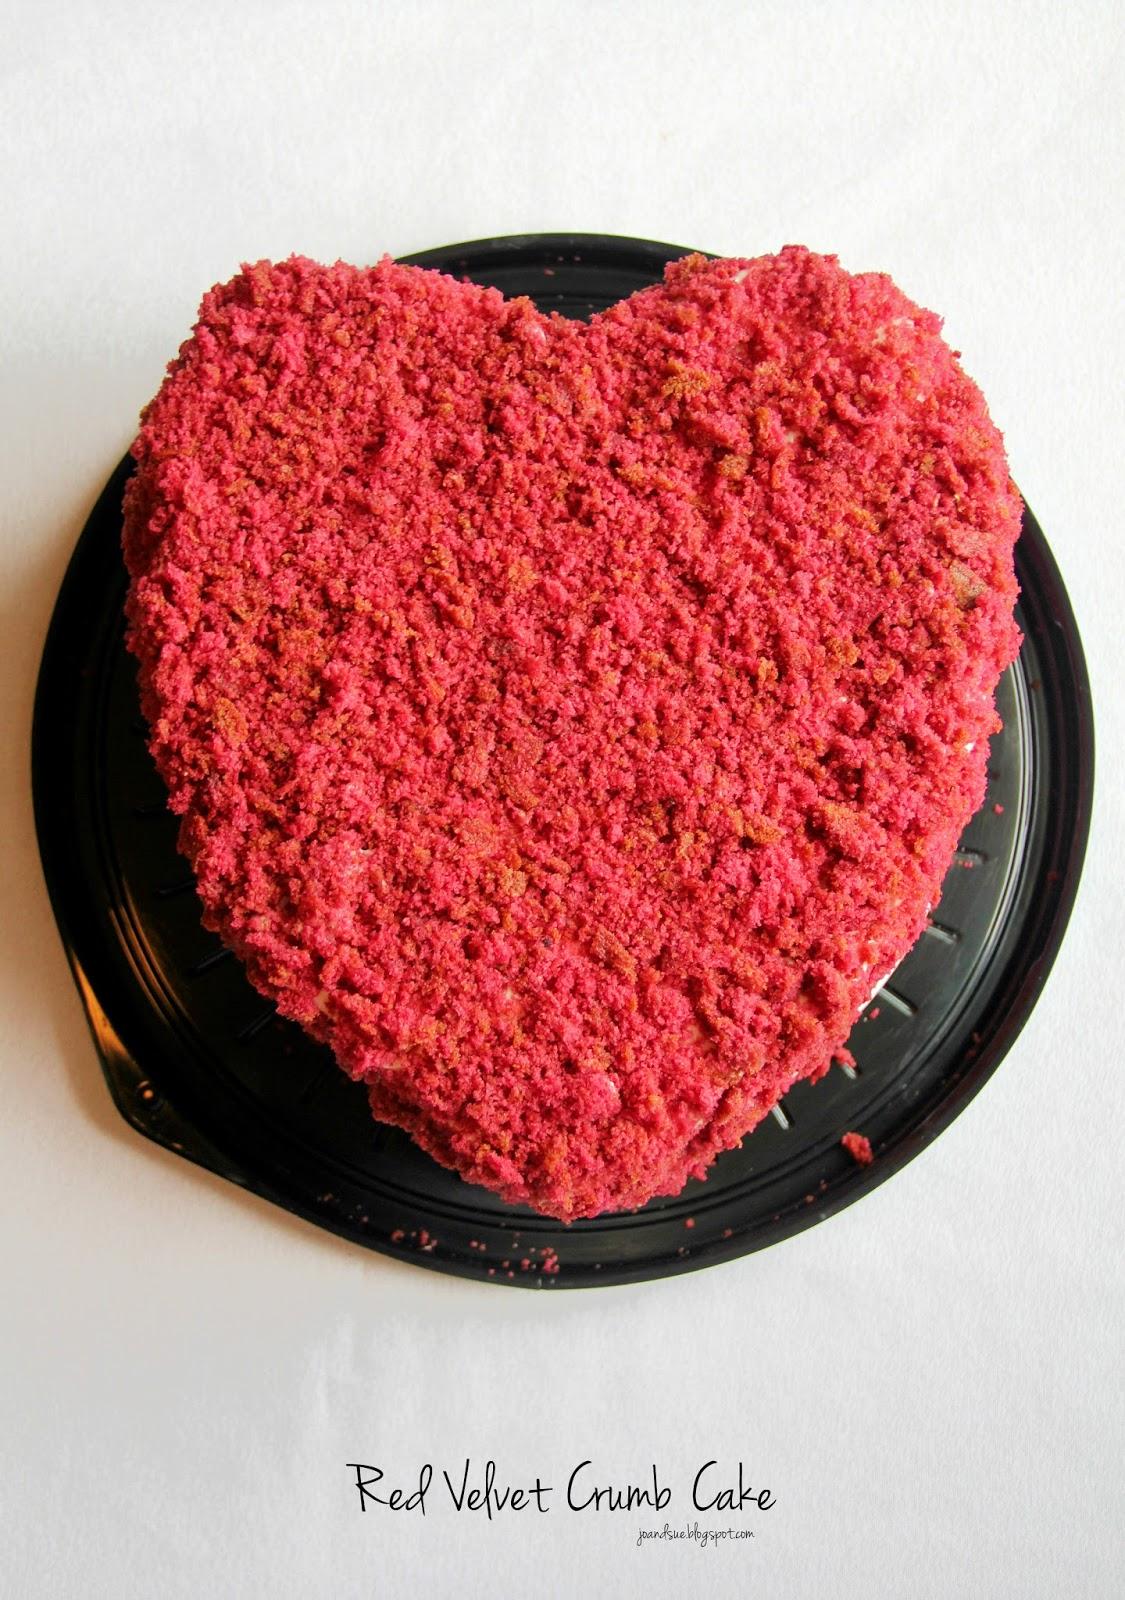 Red Velvet Crumb Cake